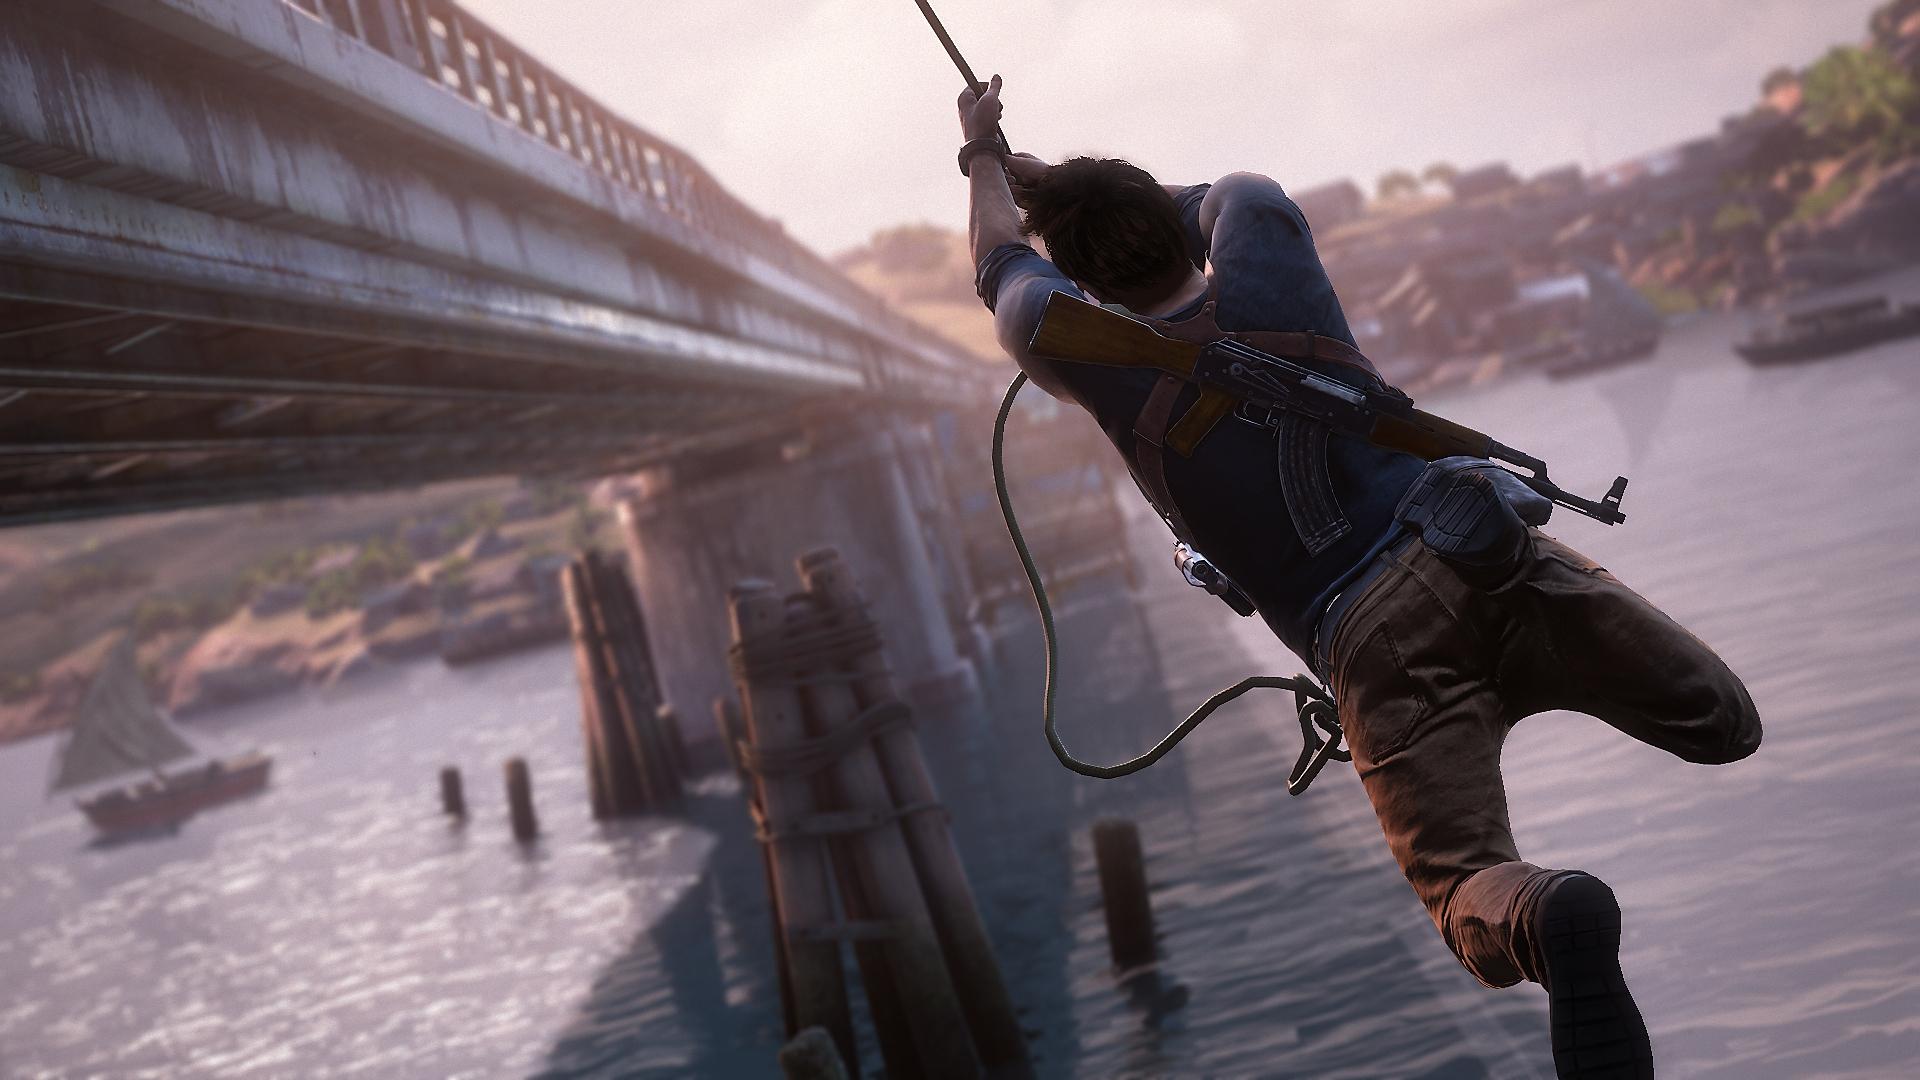 captura de pantalla de Uncharted